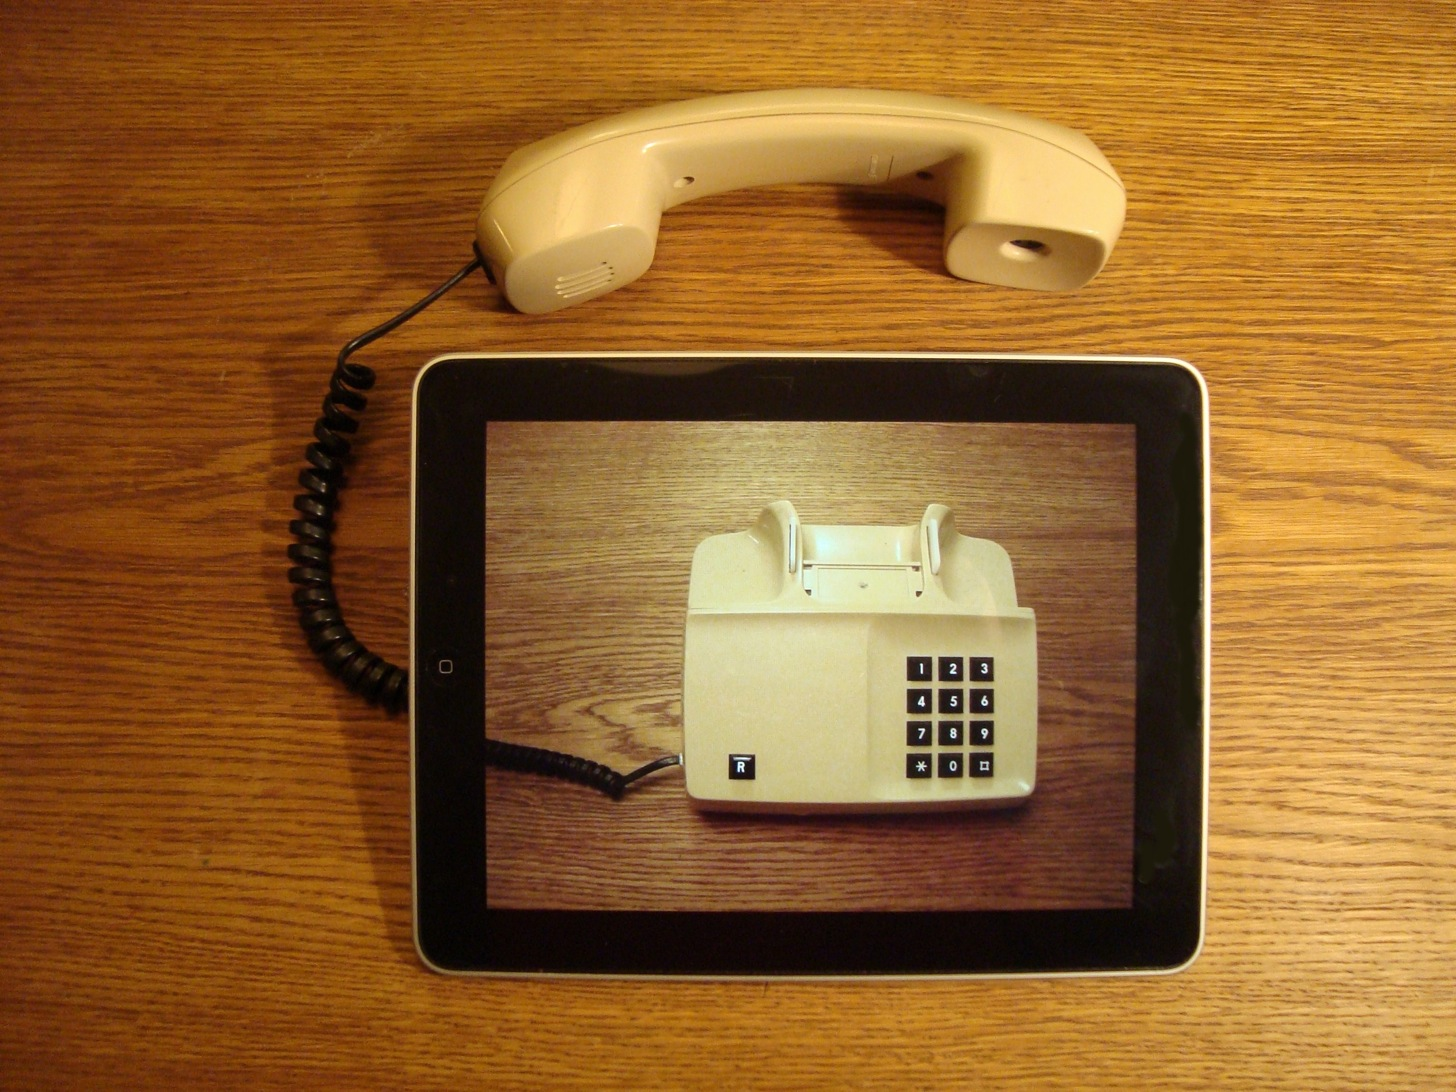 iPadと電話